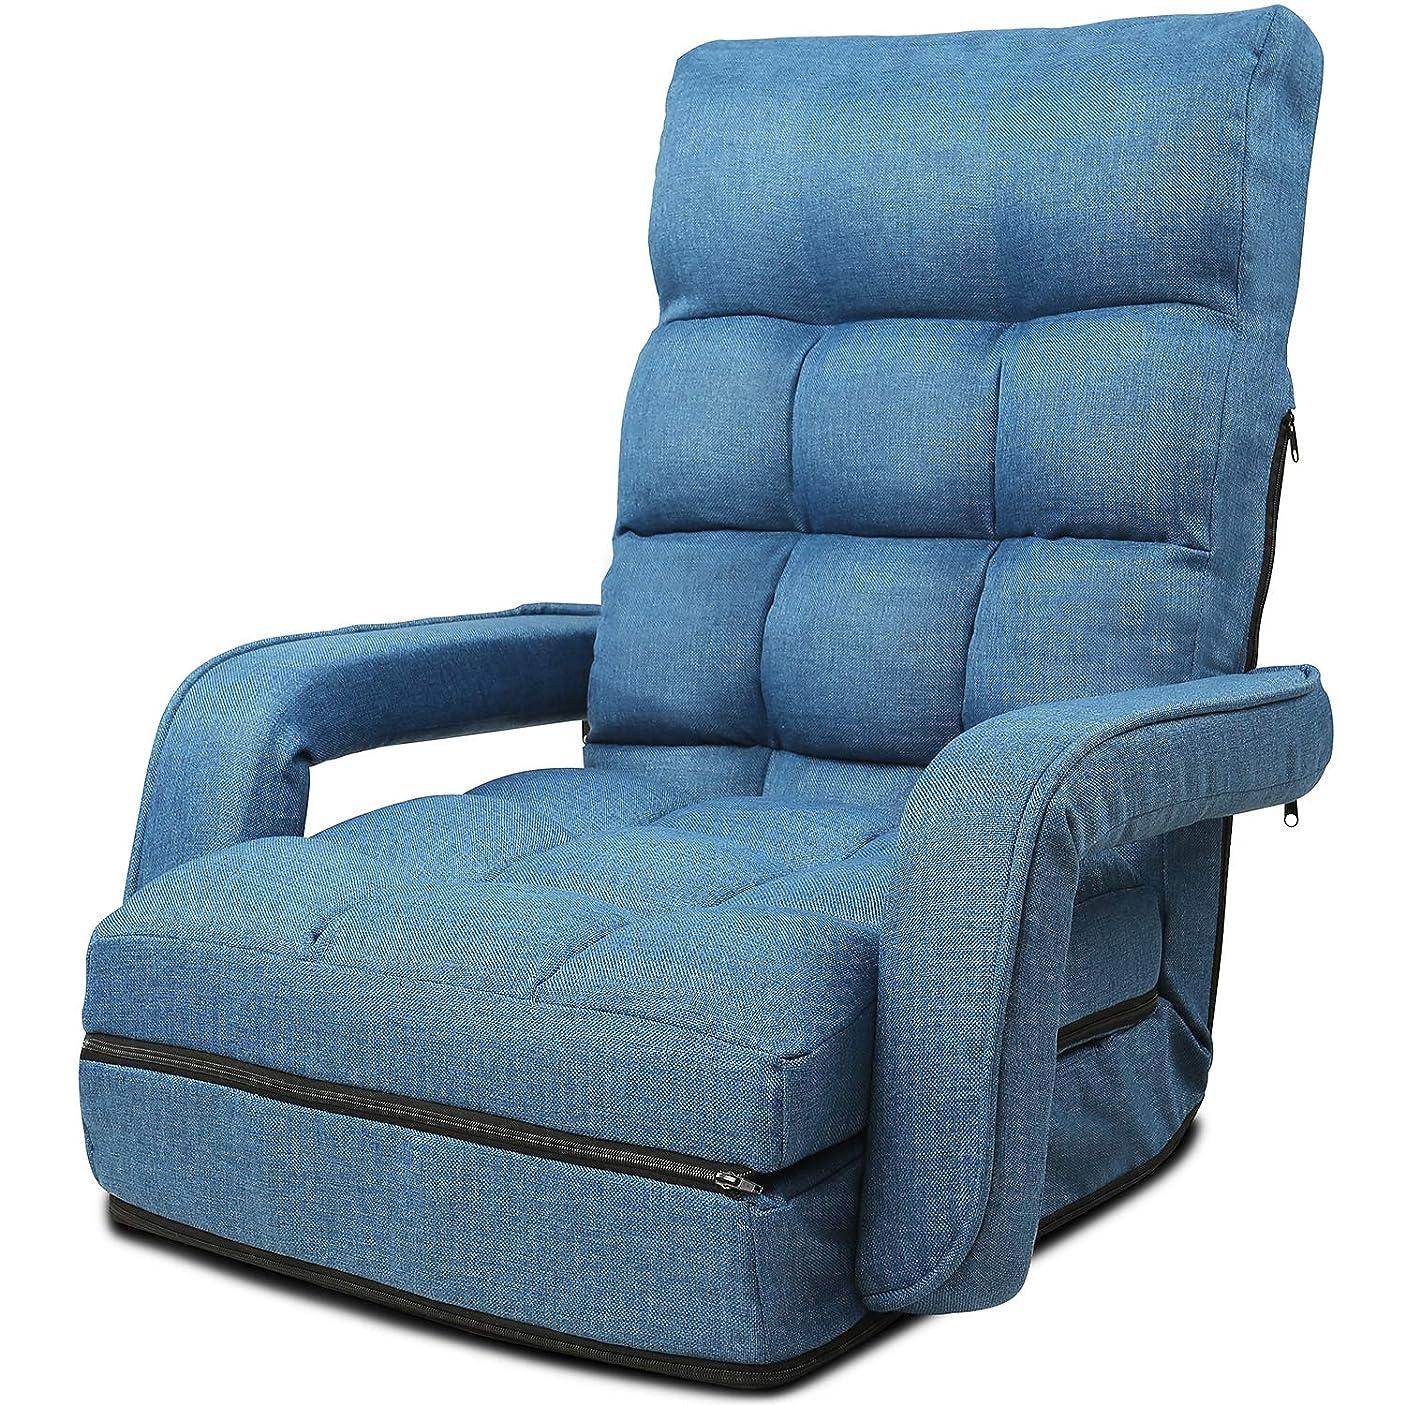 浮浪者宿泊新鮮なWLIVE 座椅子 ソファベッド ひじ掛け付き 肘掛け連動 3WAY 折り畳み ハイバック 42段階リクライニング 一人掛け リクライニングチェア ふあふあフロアチェア 低反発ウレタン 静電気防止生地 幅50cm 一人暮らし ブルー MF0043A